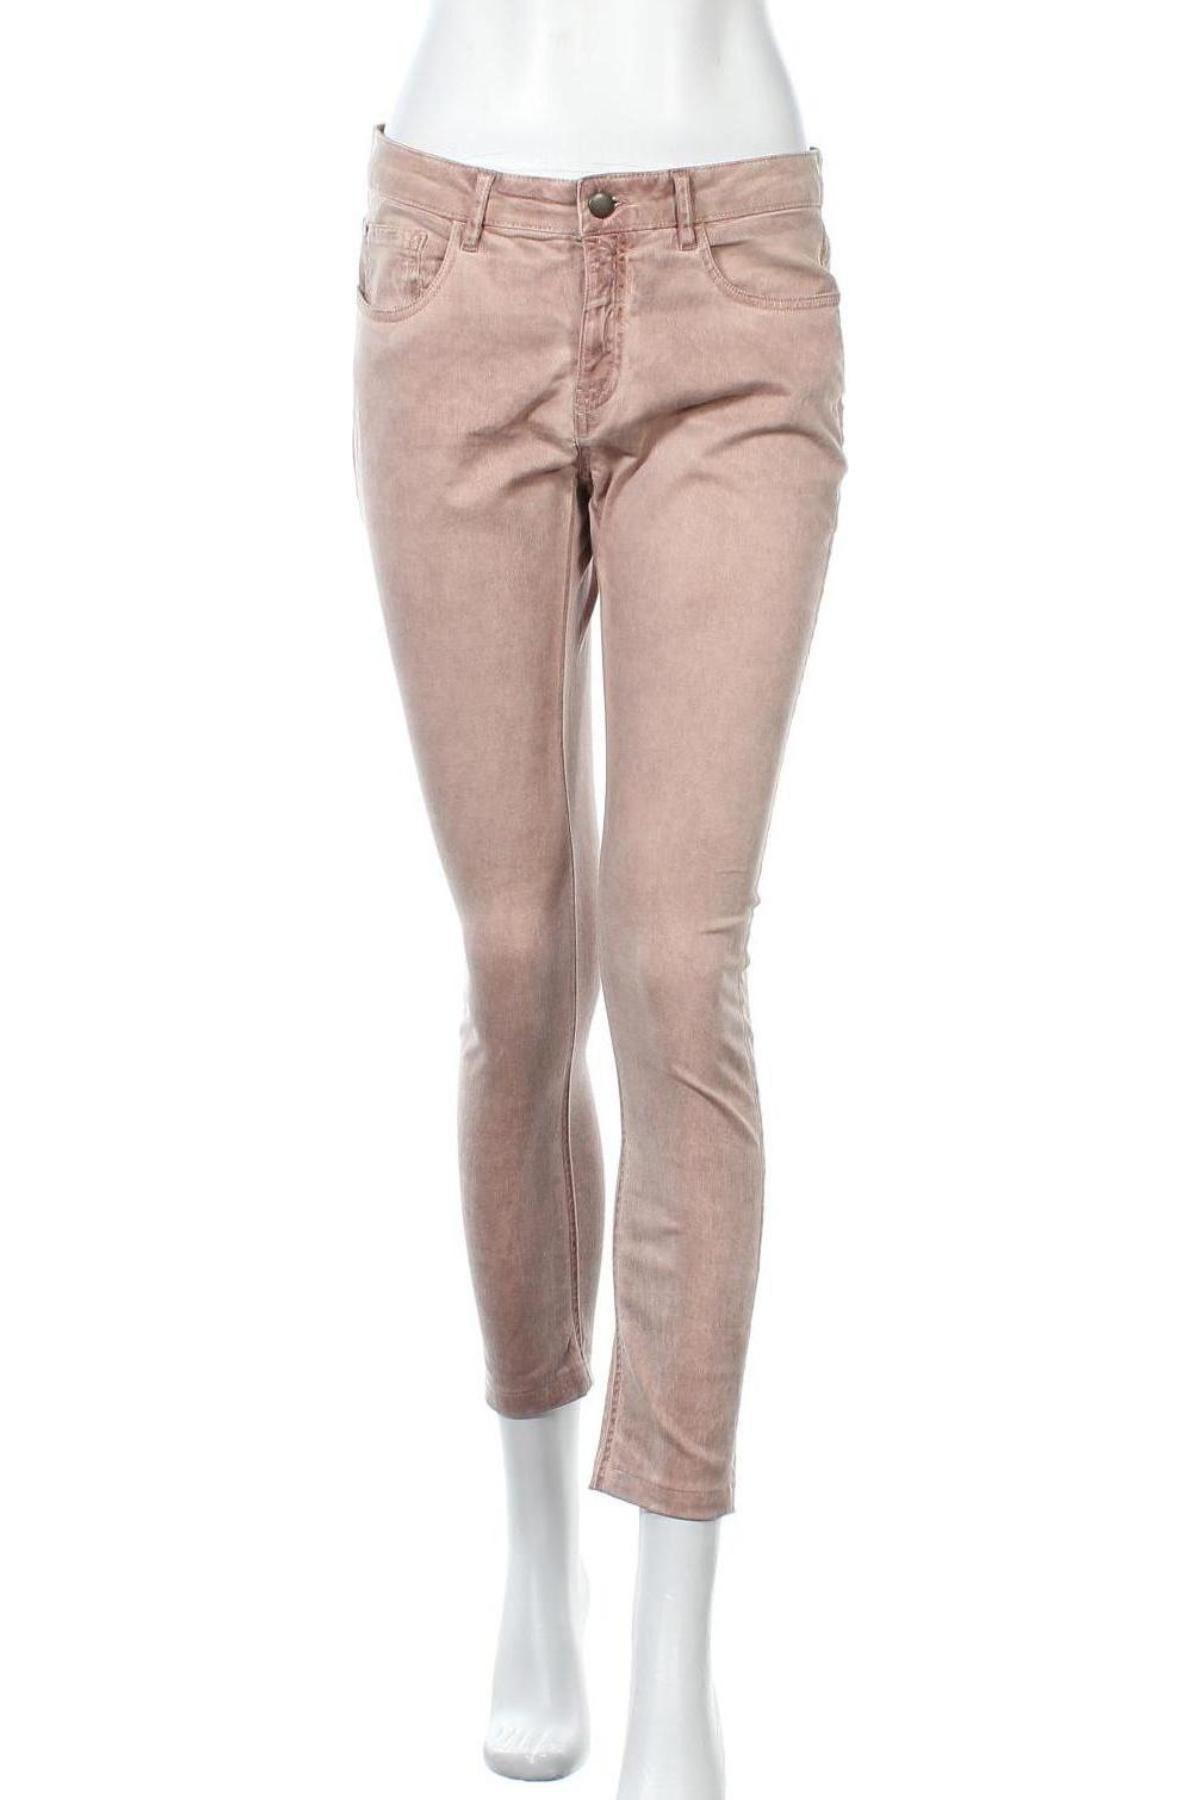 Дамски панталон B.C. Best Connections, Размер M, Цвят Розов, 97% памук, 3% еластан, Цена 18,90лв.